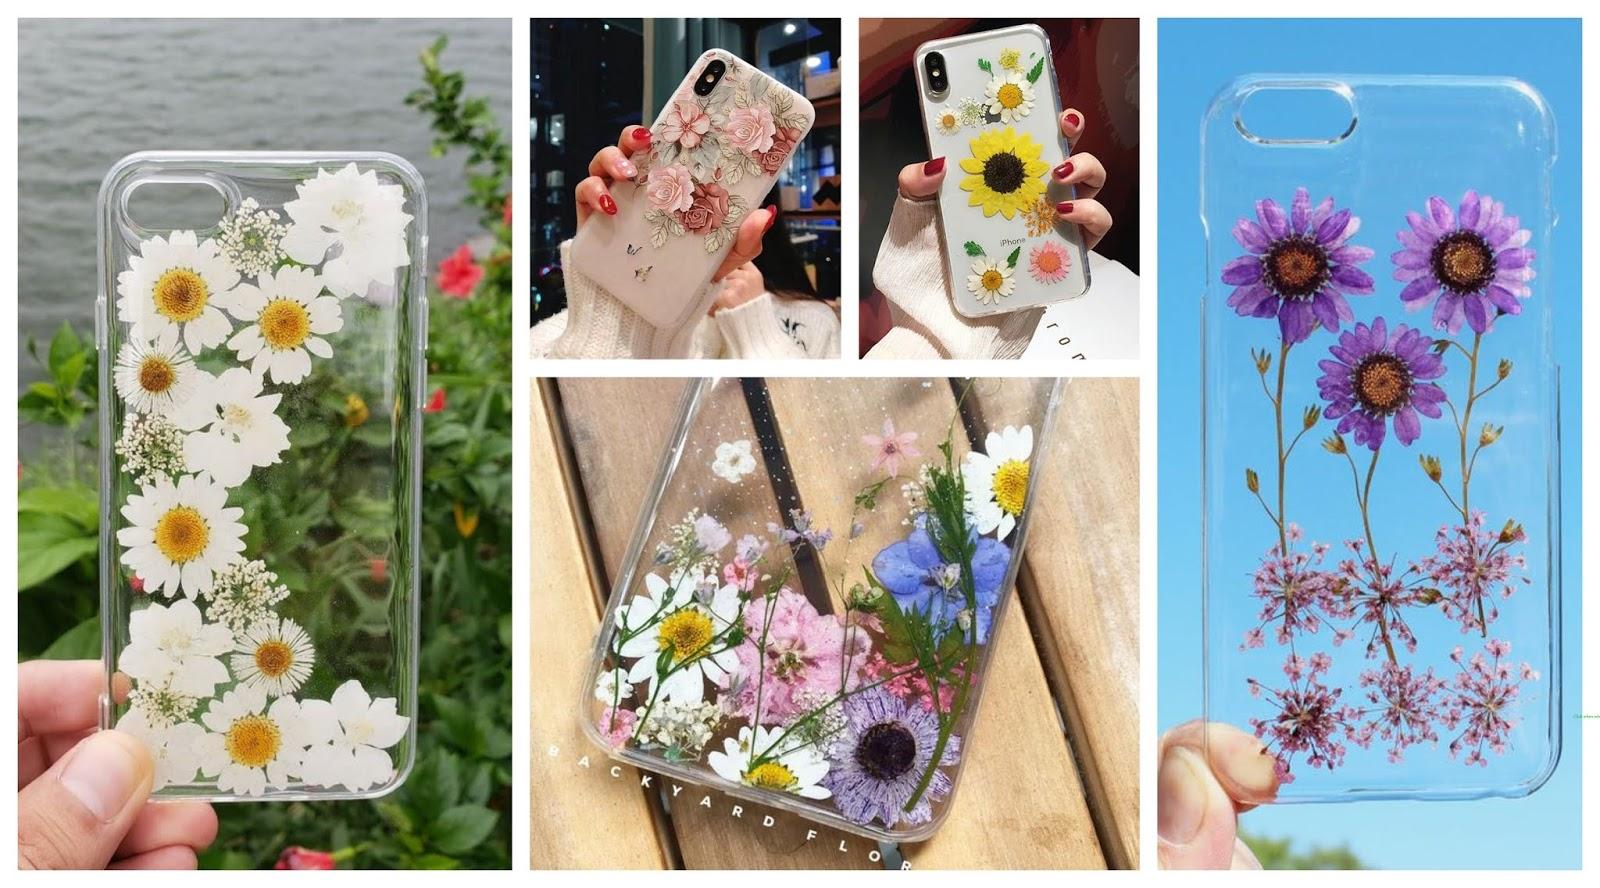 Aprende cómo decorar fundas de celular con flores y esmalte de uñas ~  cositasconmesh